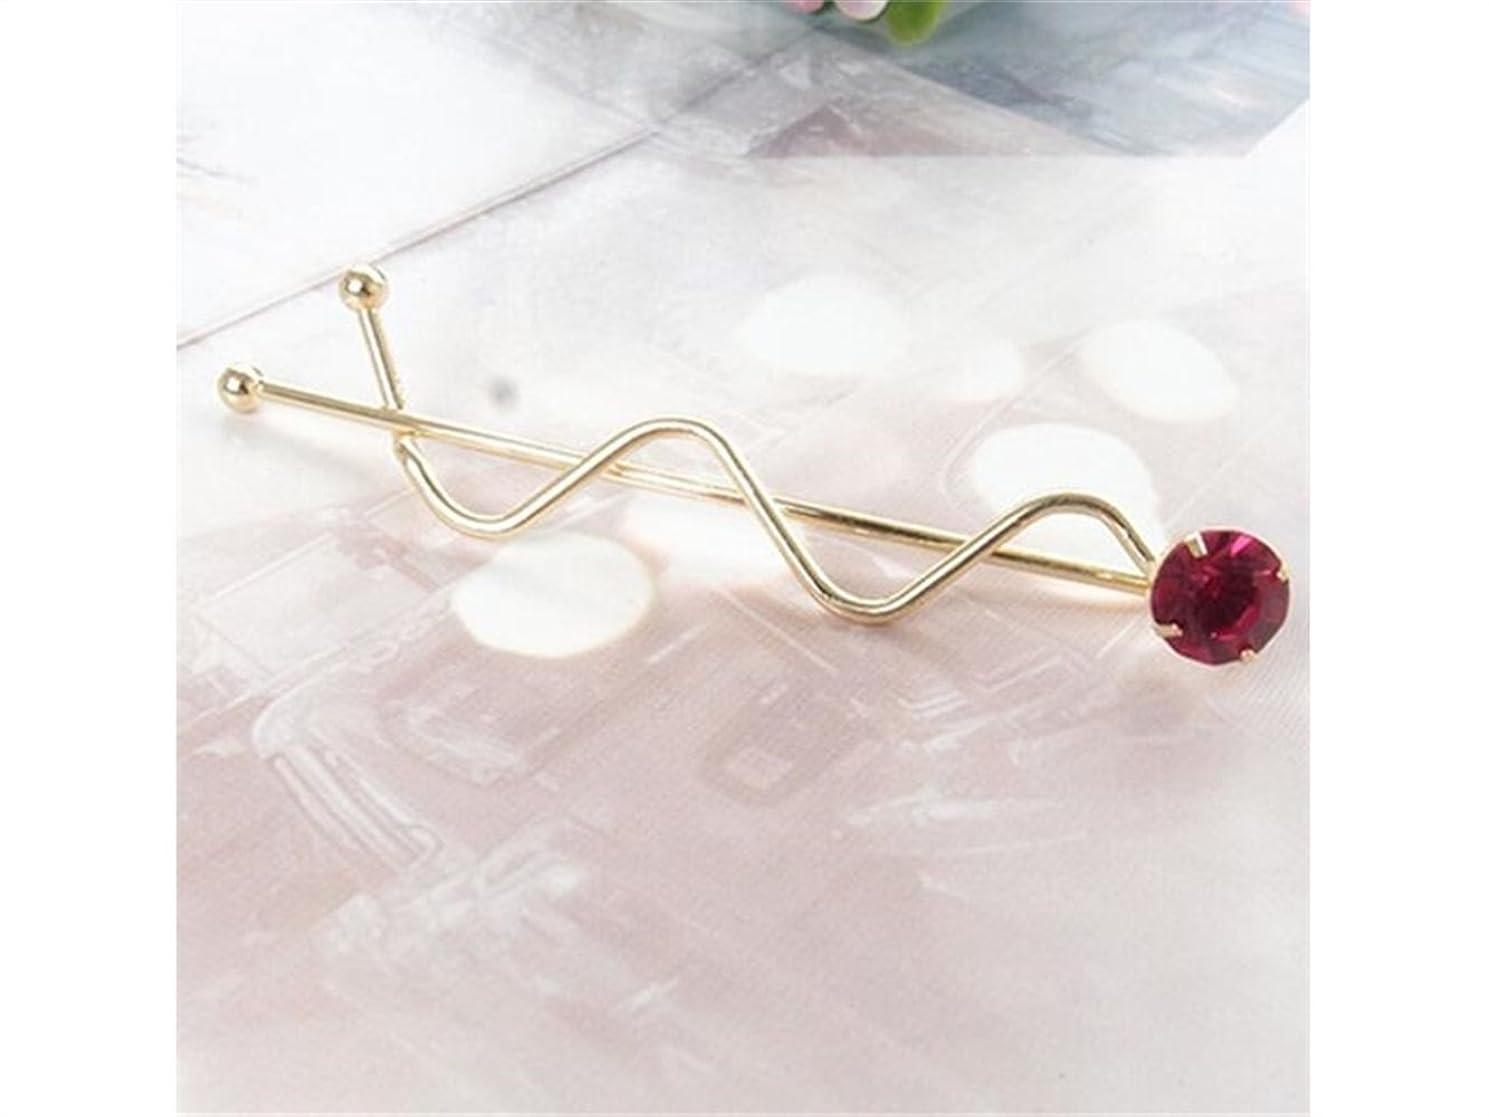 ウミウシウェイターカイウスOsize 美しいスタイル カラフルなラインストーンウェーブツイストクリップバース女性の女性のためのヘアクリップ(ゴールドレッド)